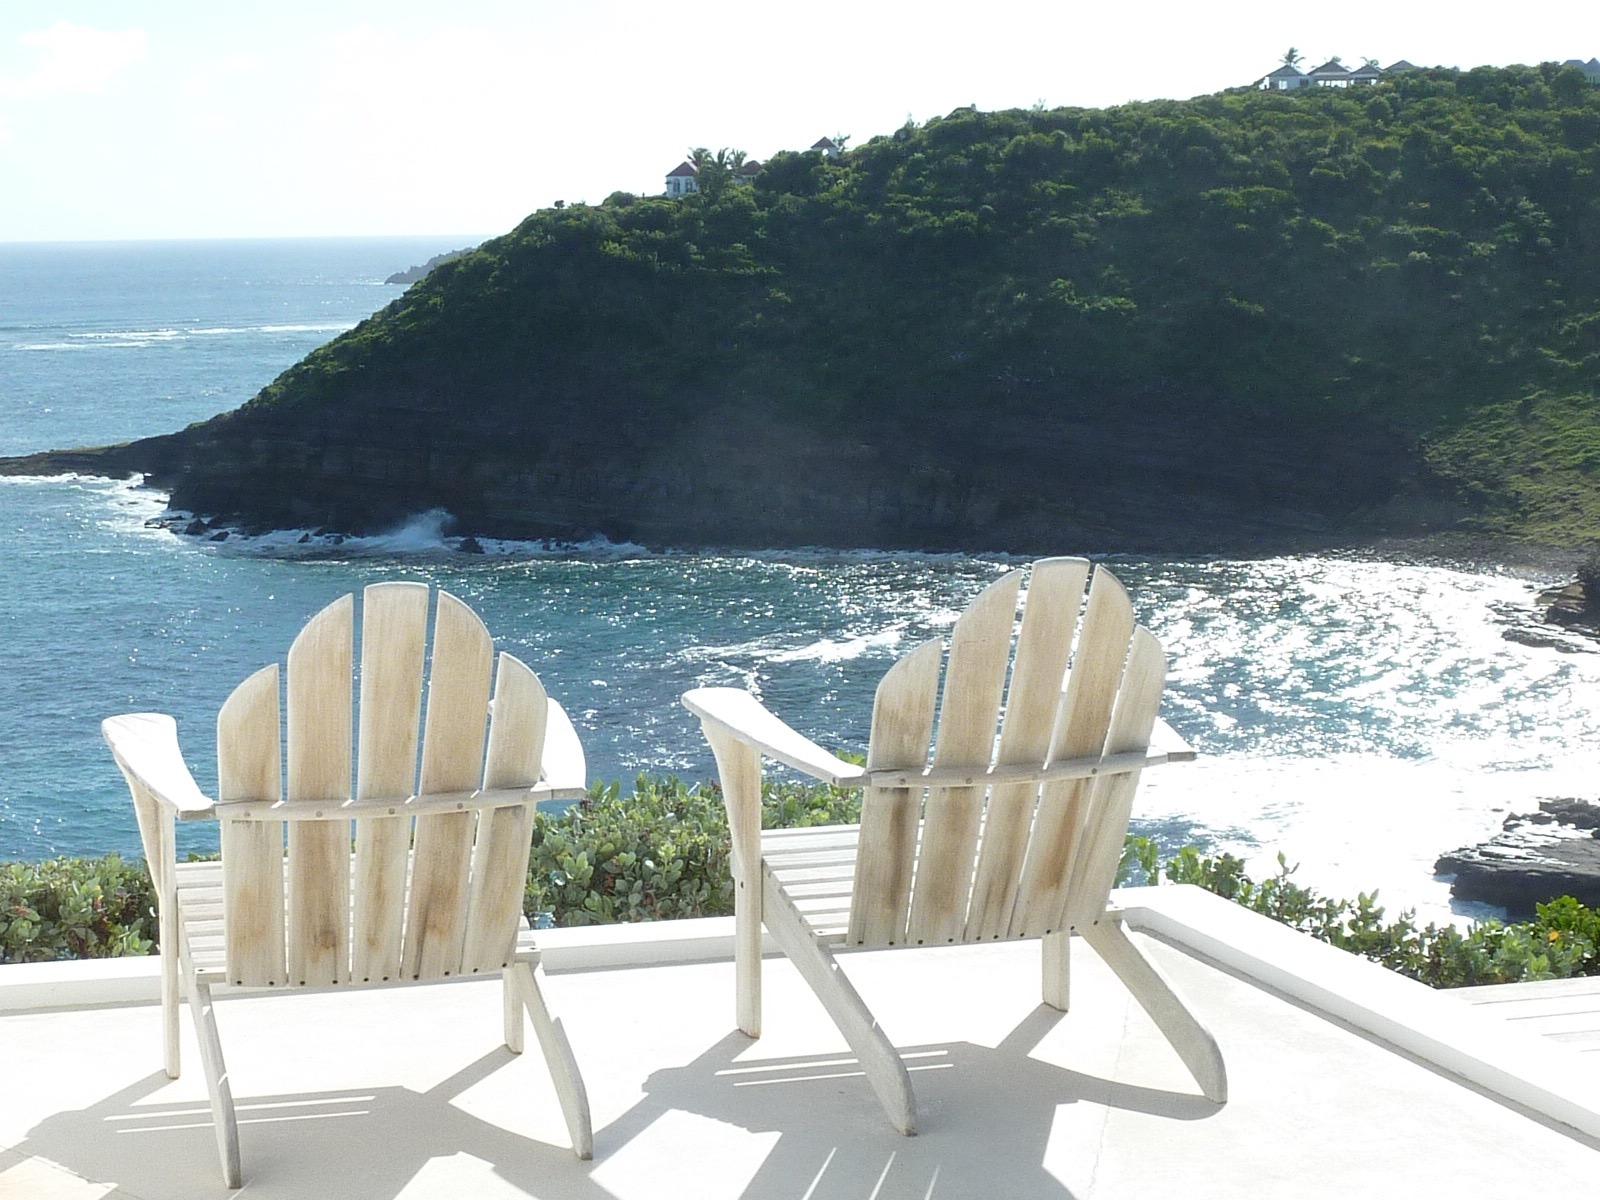 st-barth-beach-relaxation-trip.jpg